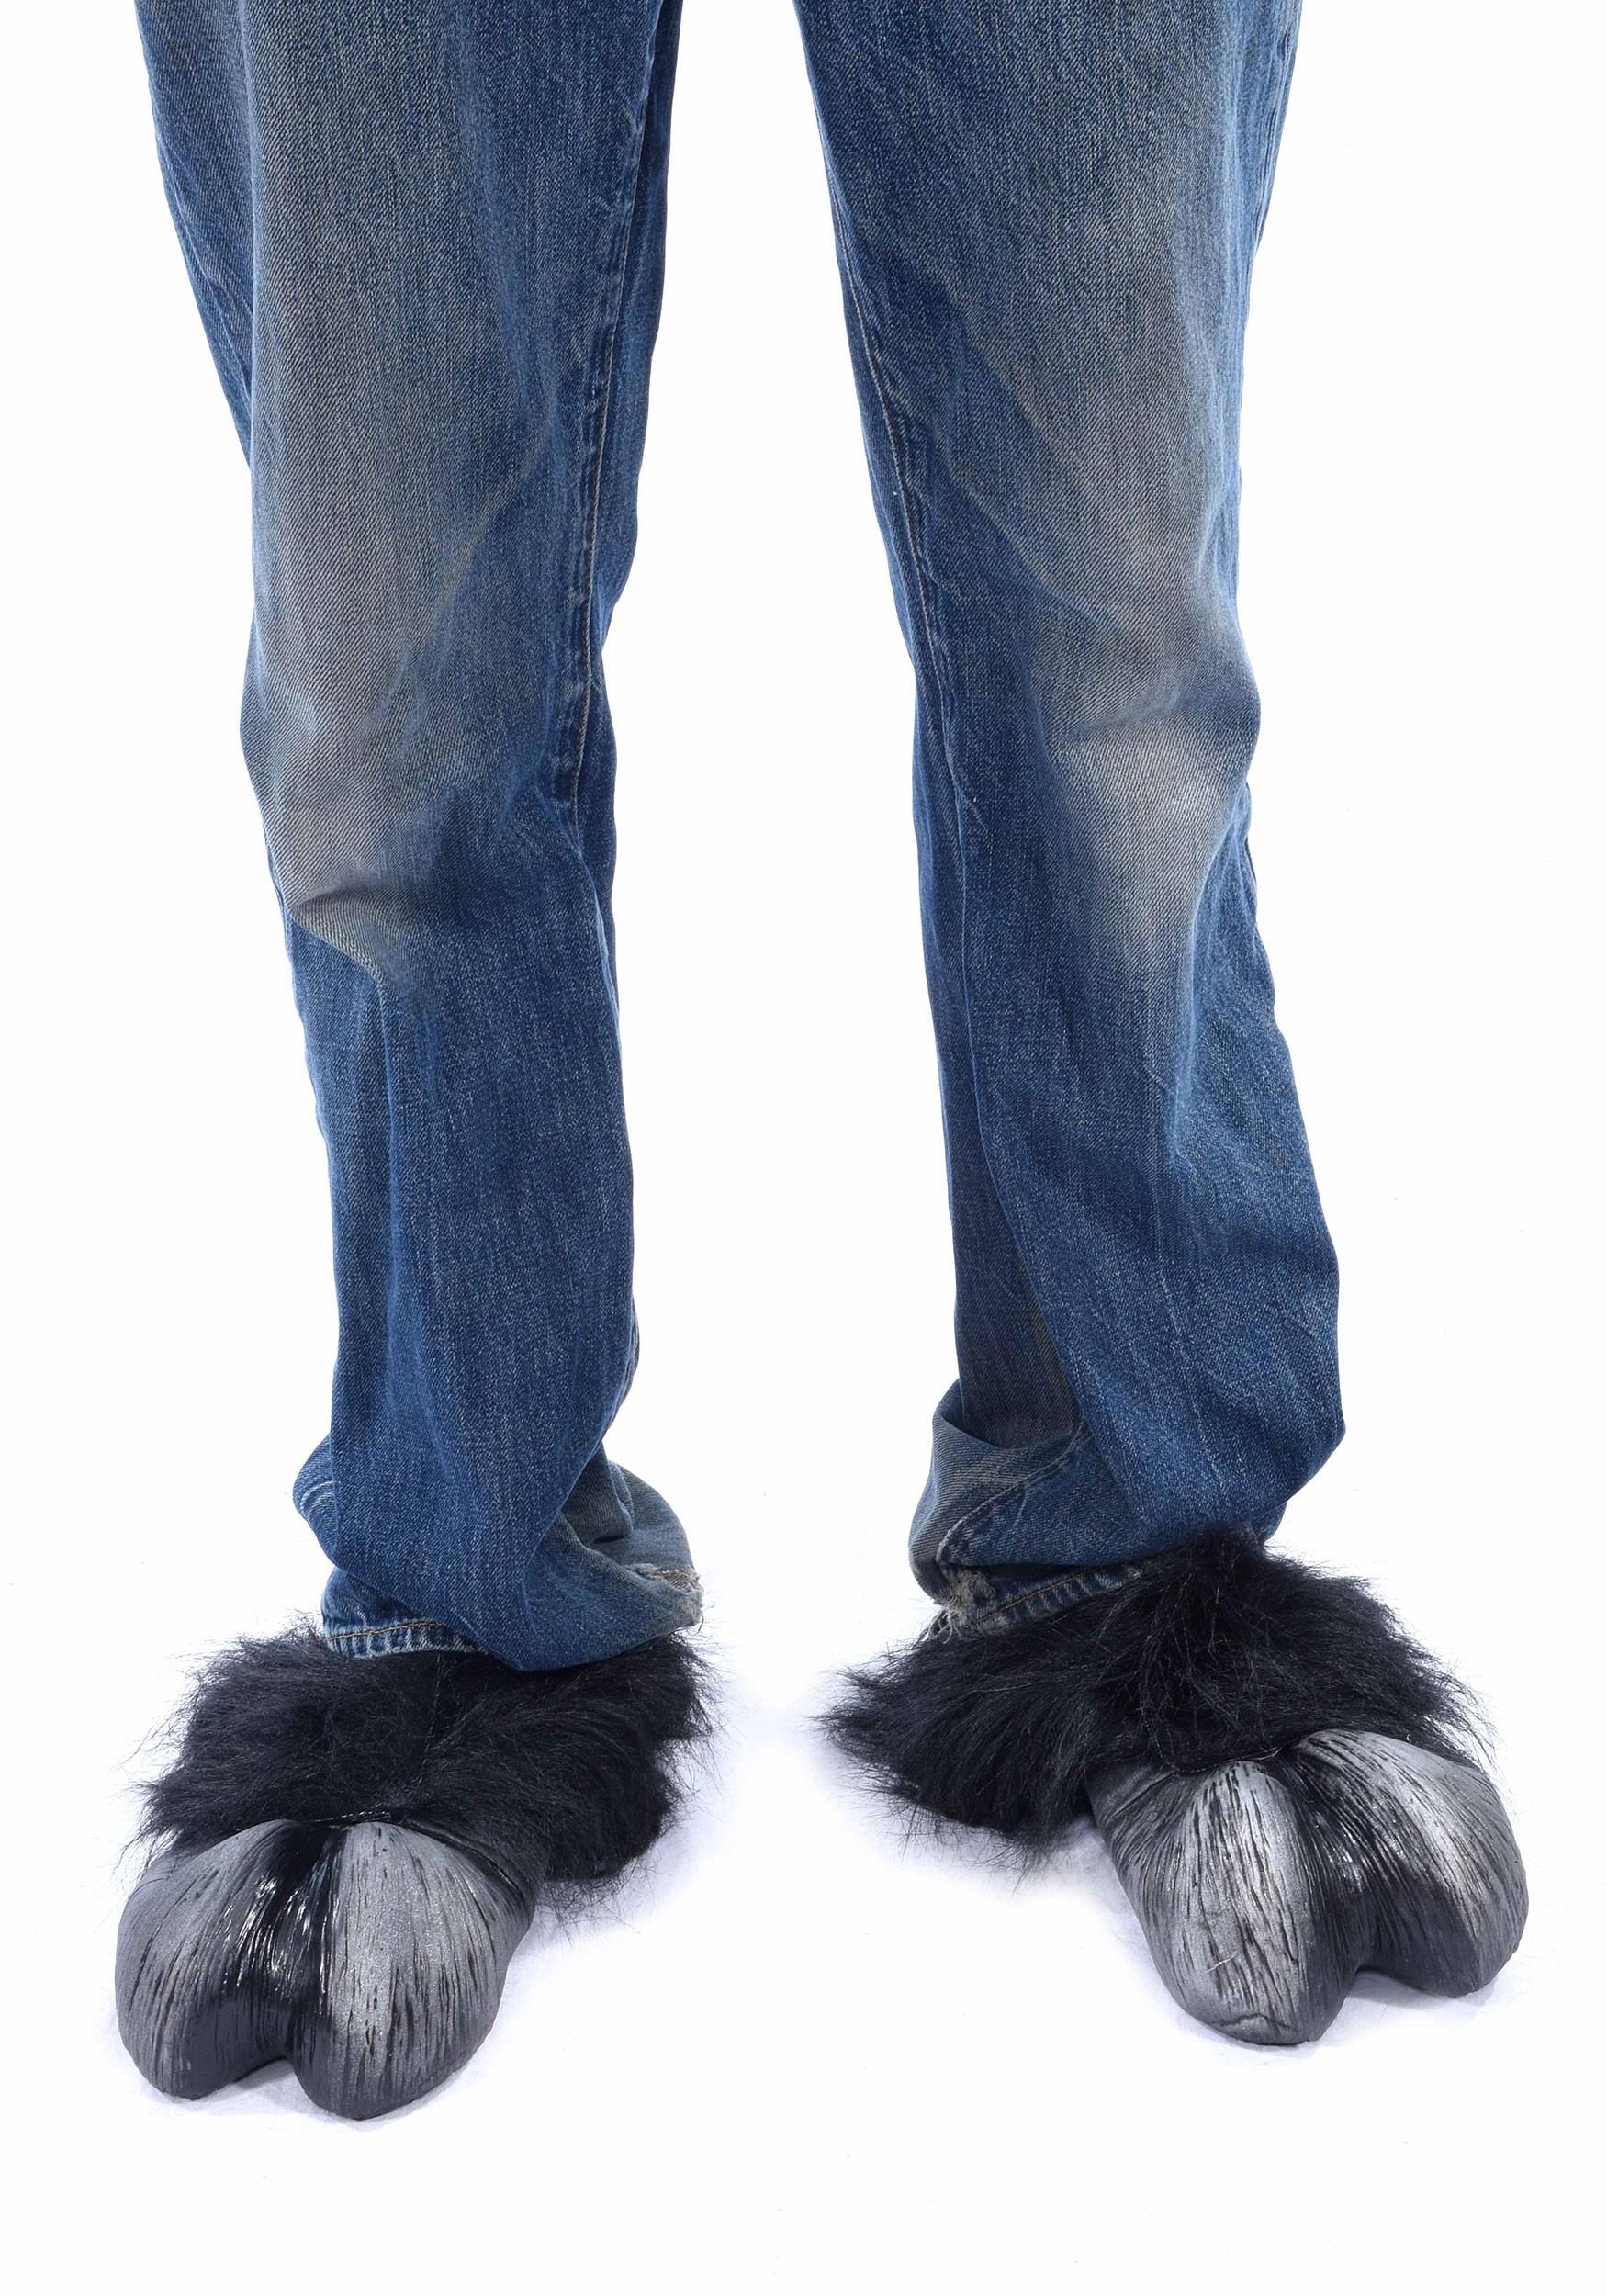 Adults Goat Feet